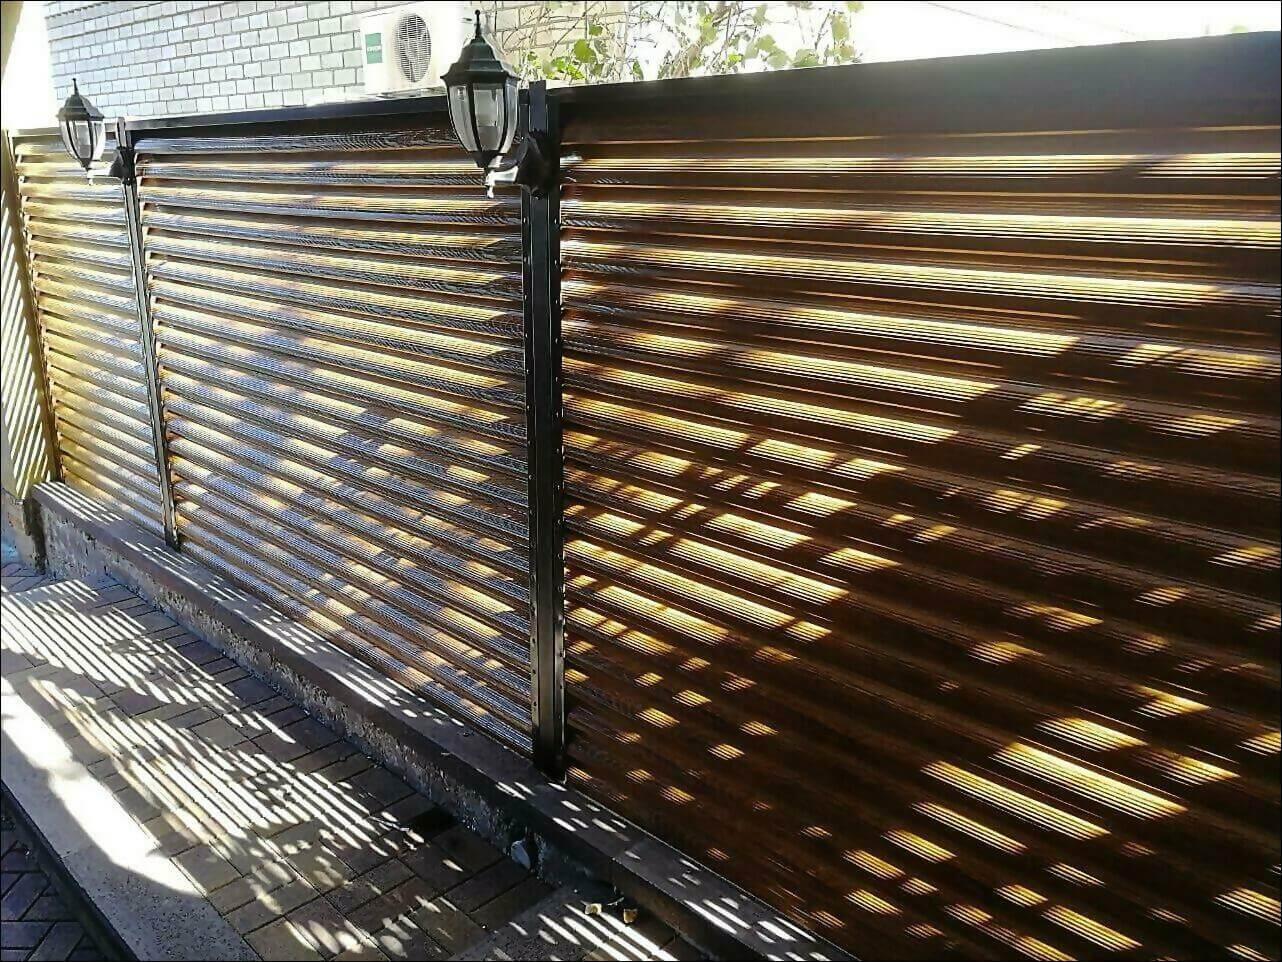 забор жалюзи золотое дерево фото6